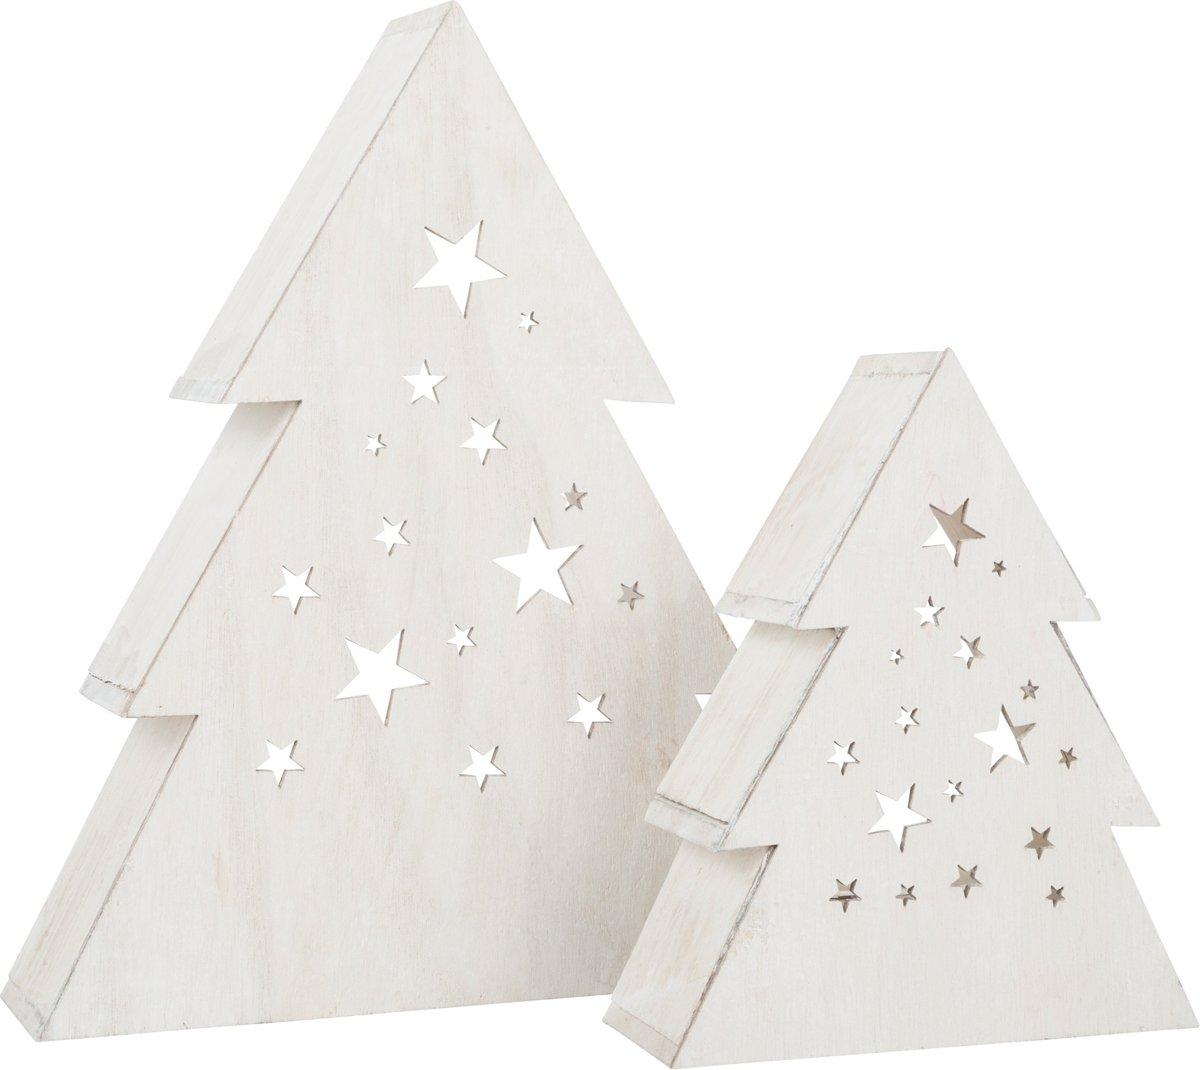 Small Foot houten decoratielamp kerstboom 2 stuks wit